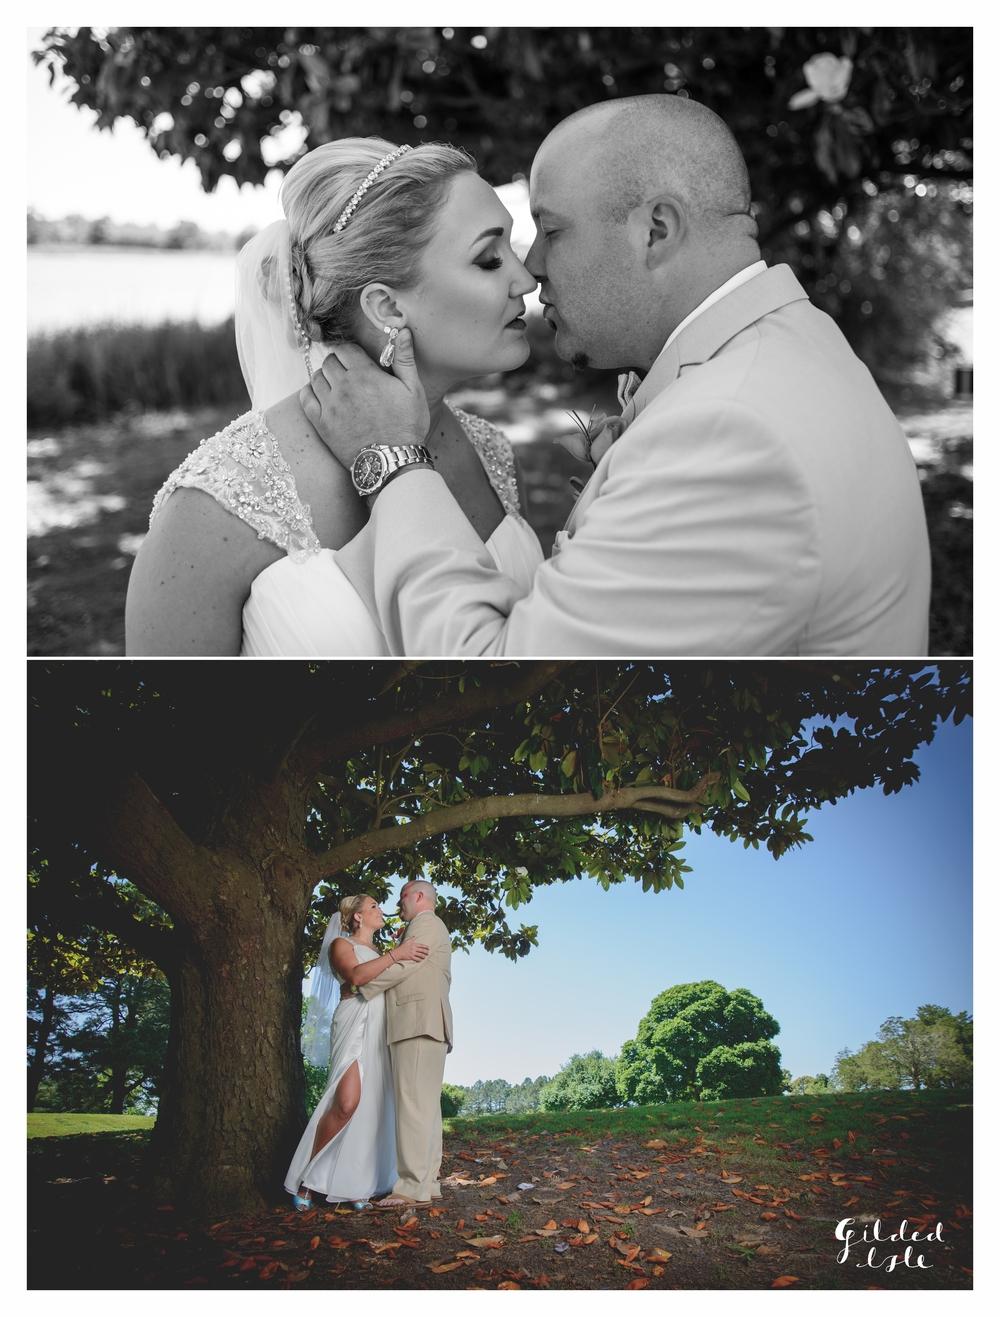 simpson wed blog collage 40.jpg